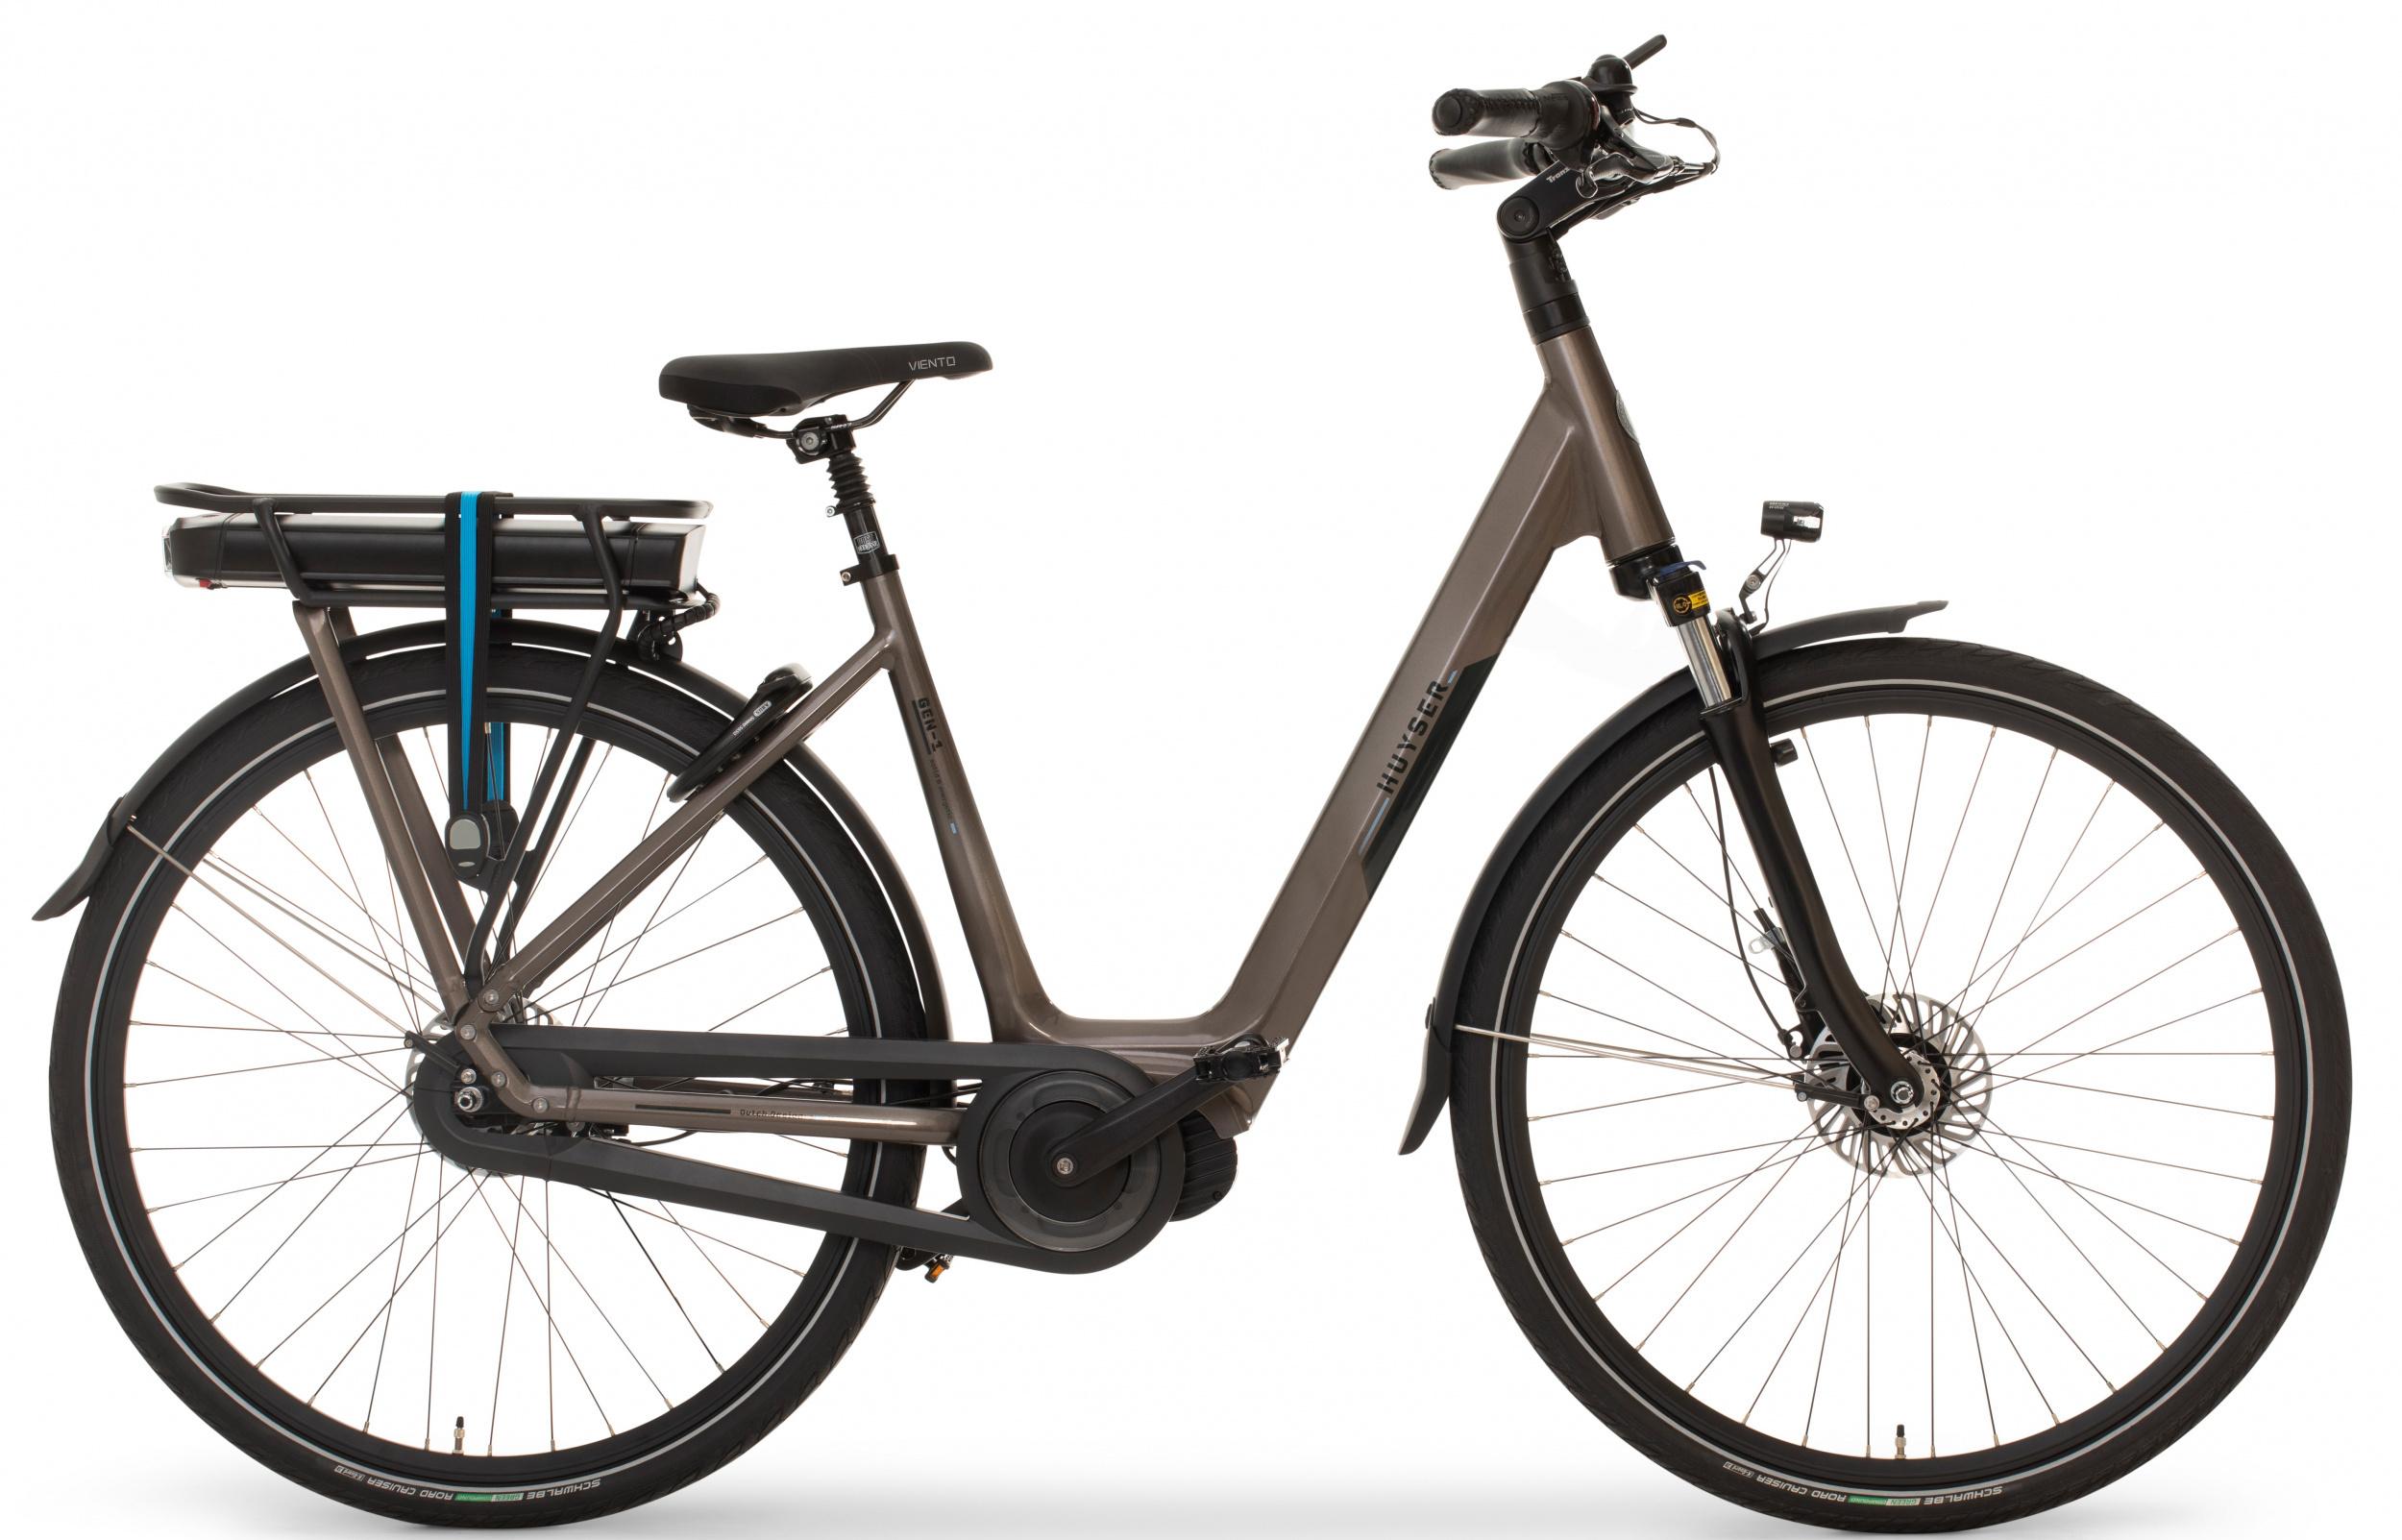 Huyser Gen 1 elektrische fiets 8V met middenmotor